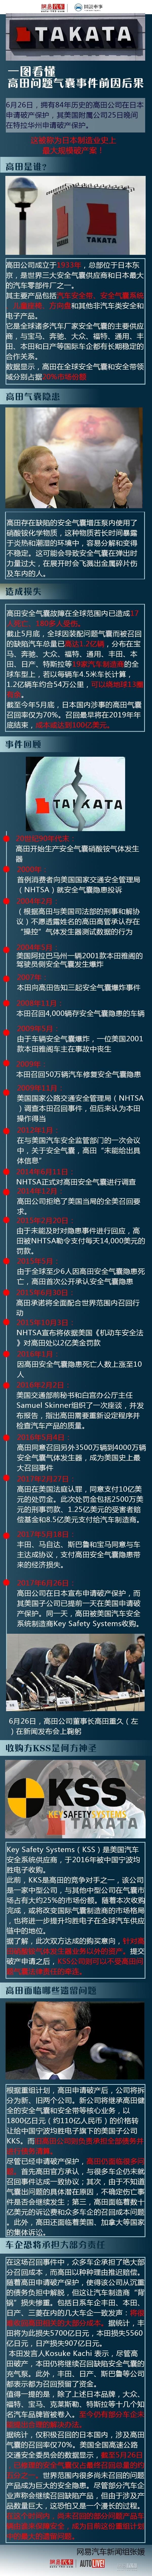 一图看懂 高田问题气囊事件的前因后果